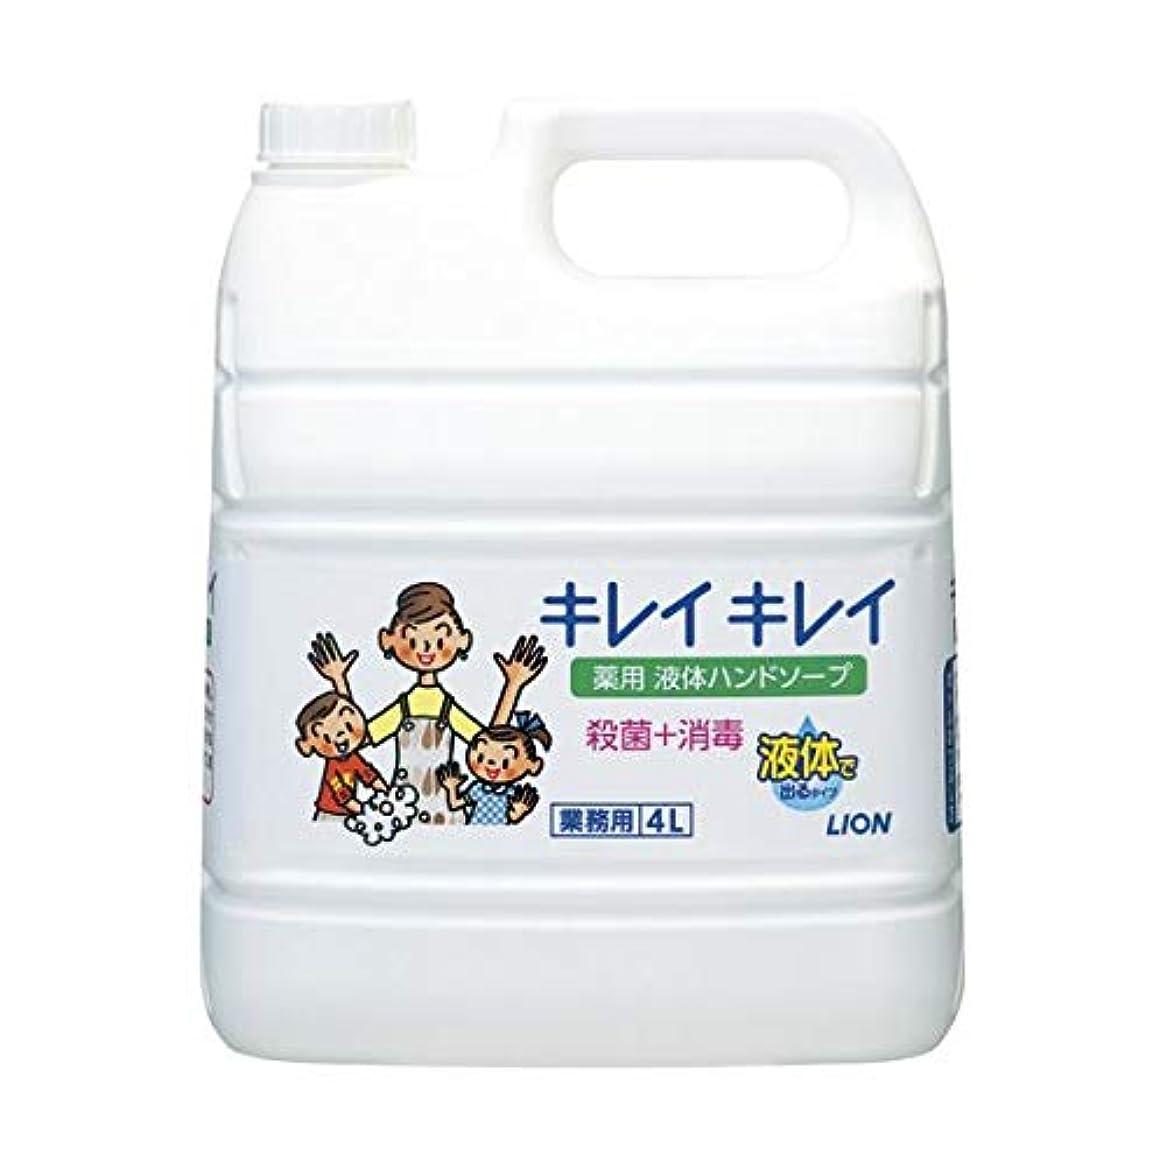 レーザ海港申し立てられたキレイキレイ薬用ハンドソープ 4Lx3 ダイエット 健康 衛生用品 ハンドソープ 14067381 [並行輸入品]